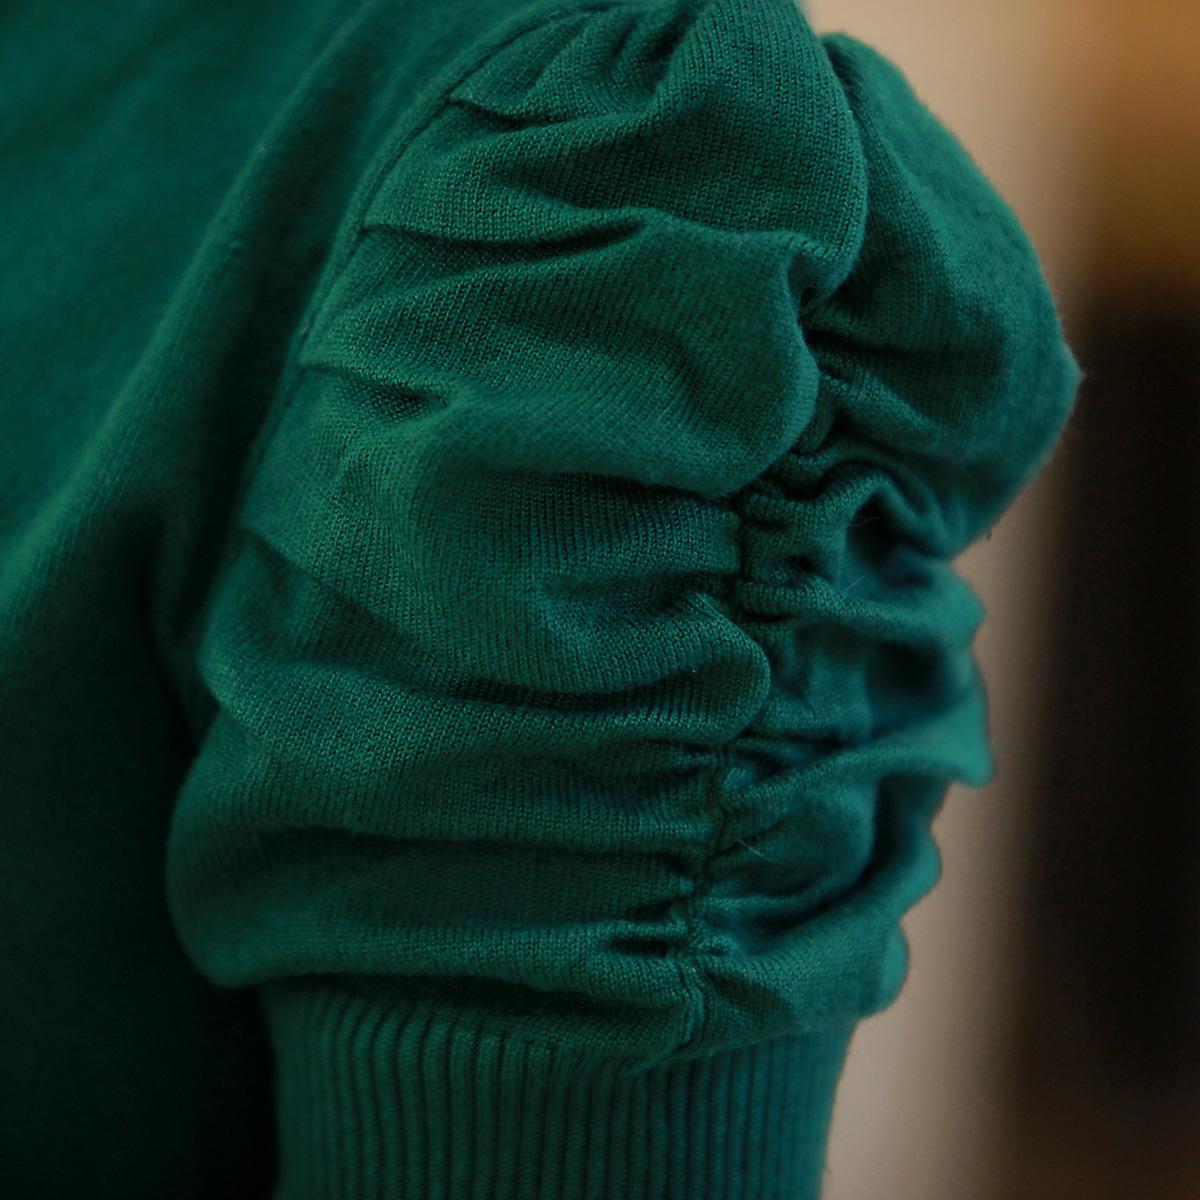 Свитер женский OTHER 2013 Хлопок Зима 2012 Длинный рукав Объемный рукав Высокий воротник